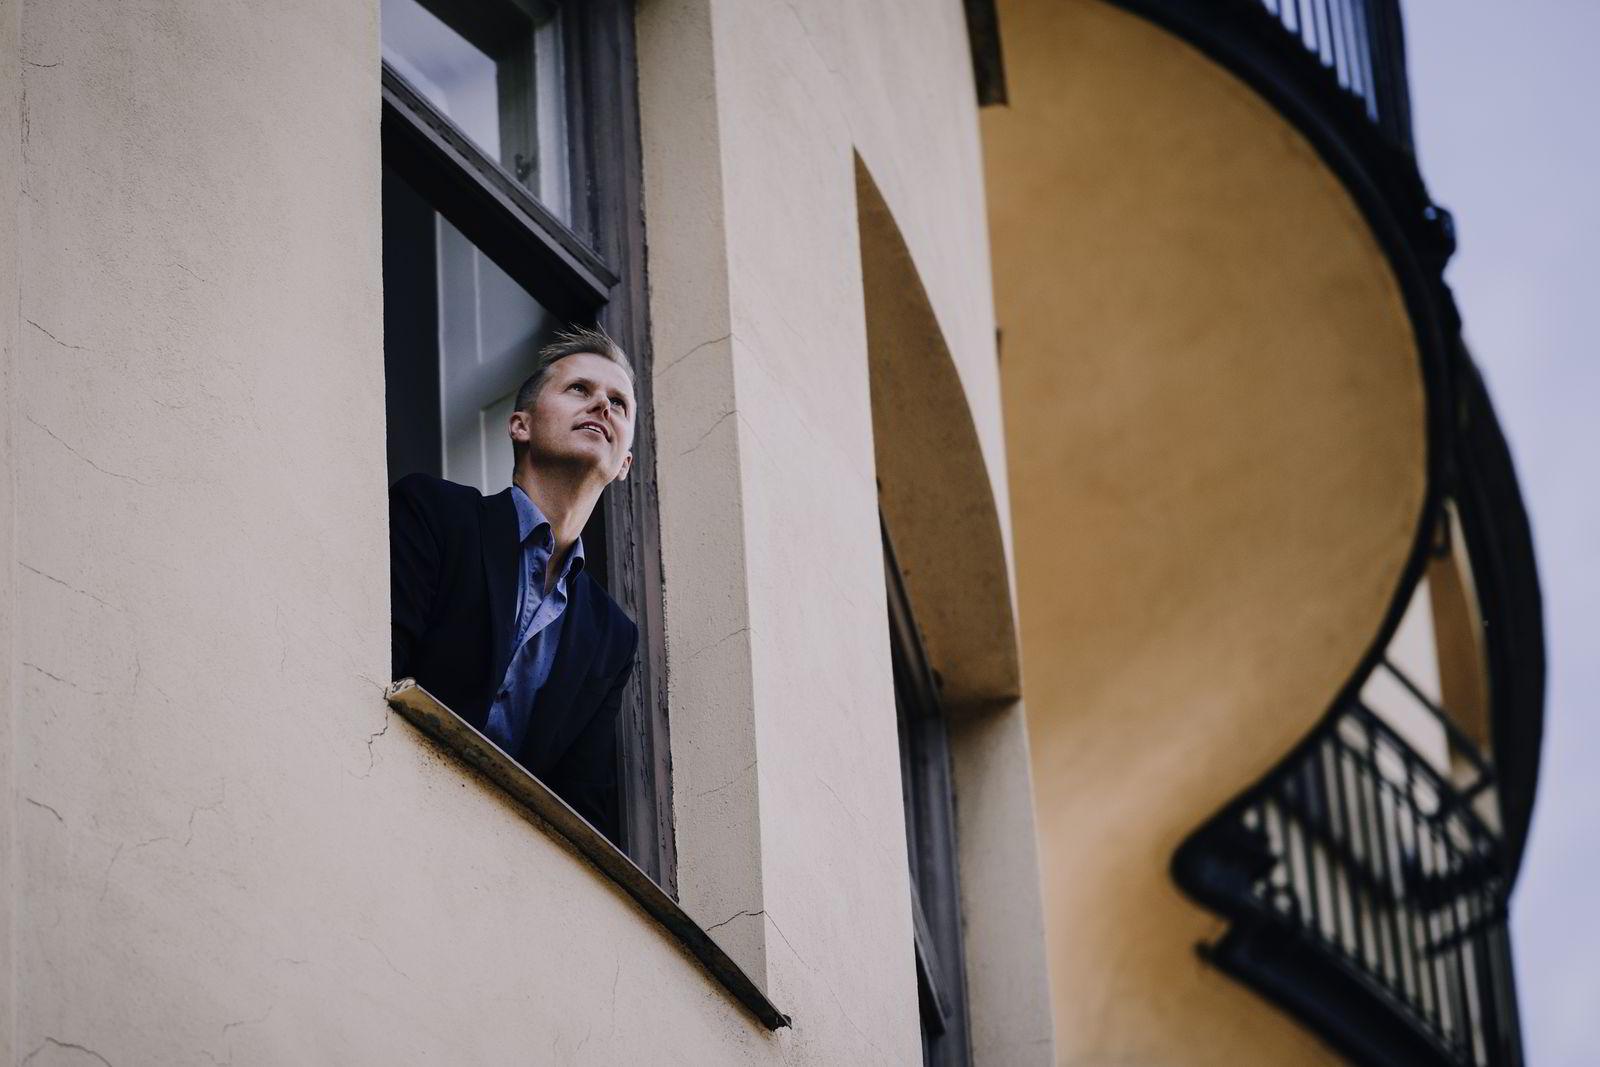 Det norske boligmarkedet er et stort hinder for norske gründere som trenger investorer, mener gründer Anders Hamnes. Foto: Erik Simander /